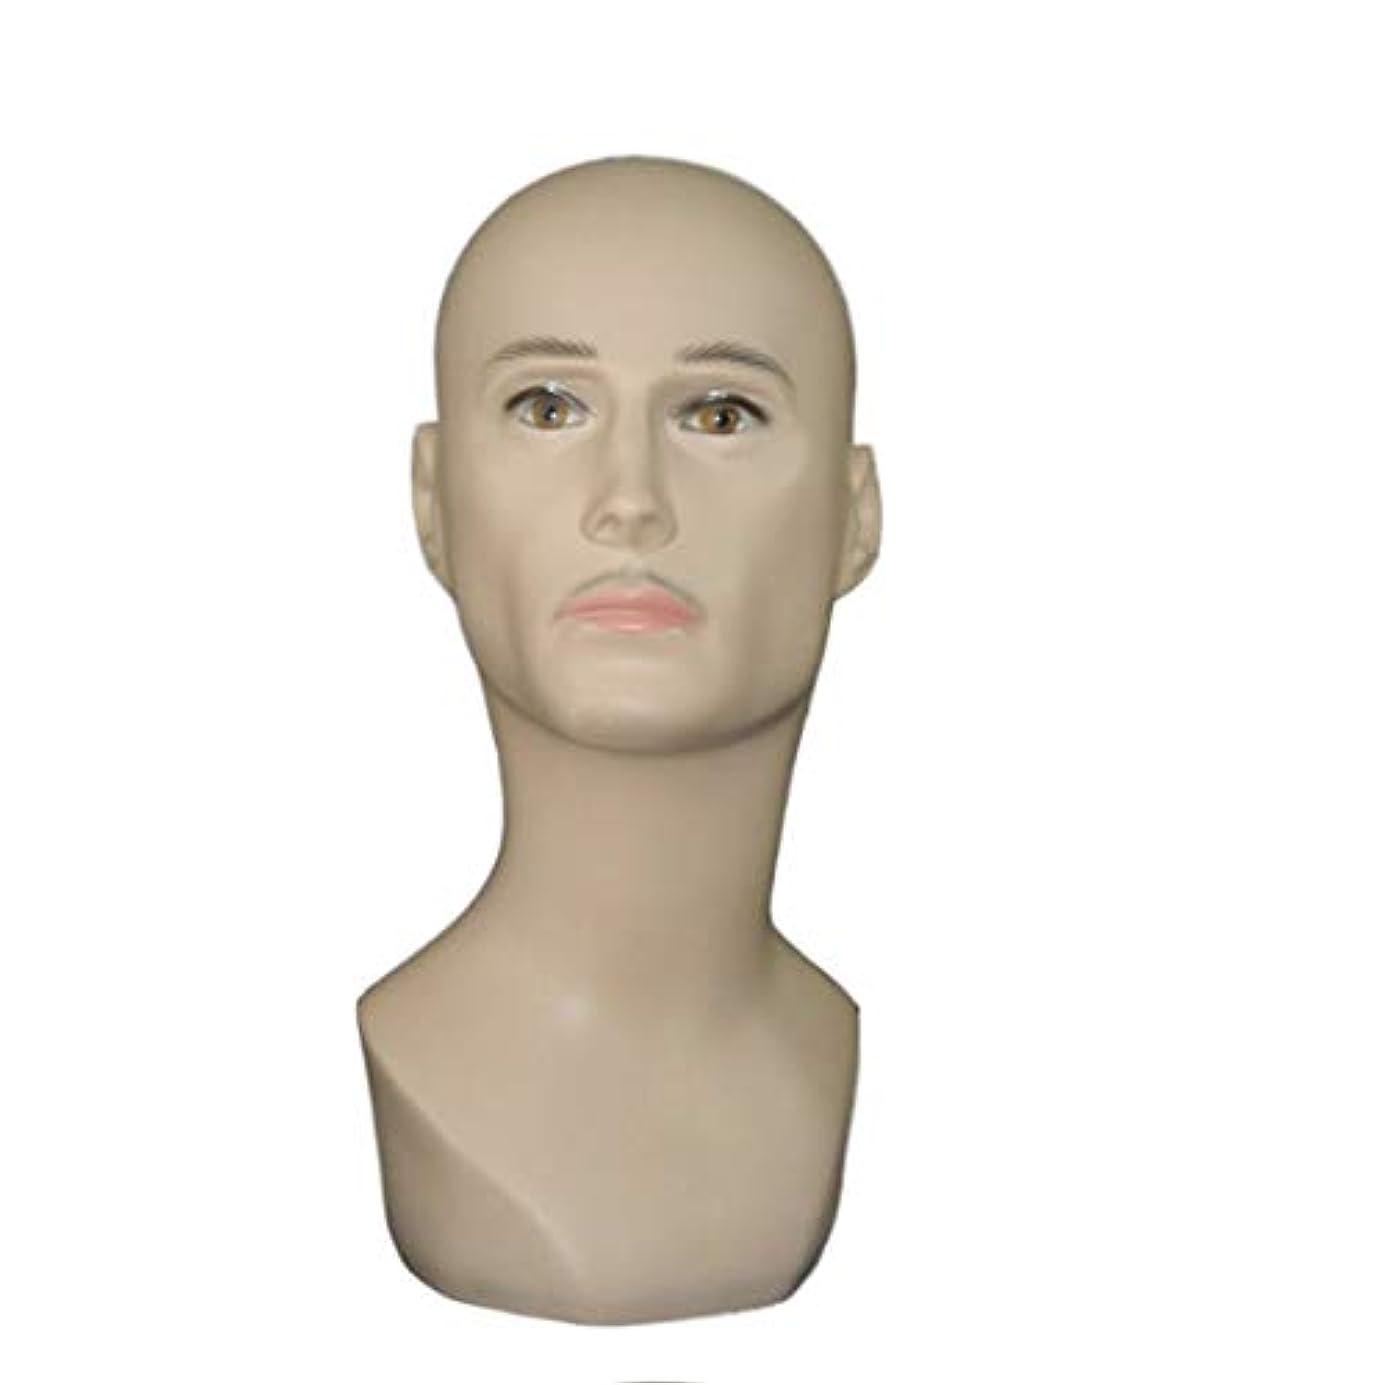 サスティーン失う解説PVCヘッド型トレーニングマネキンフラットヘッド練習、ヘッド美容男性ヘッド型メガネ&caphatショーマネキンヘッド ヘアケア (Style : B)